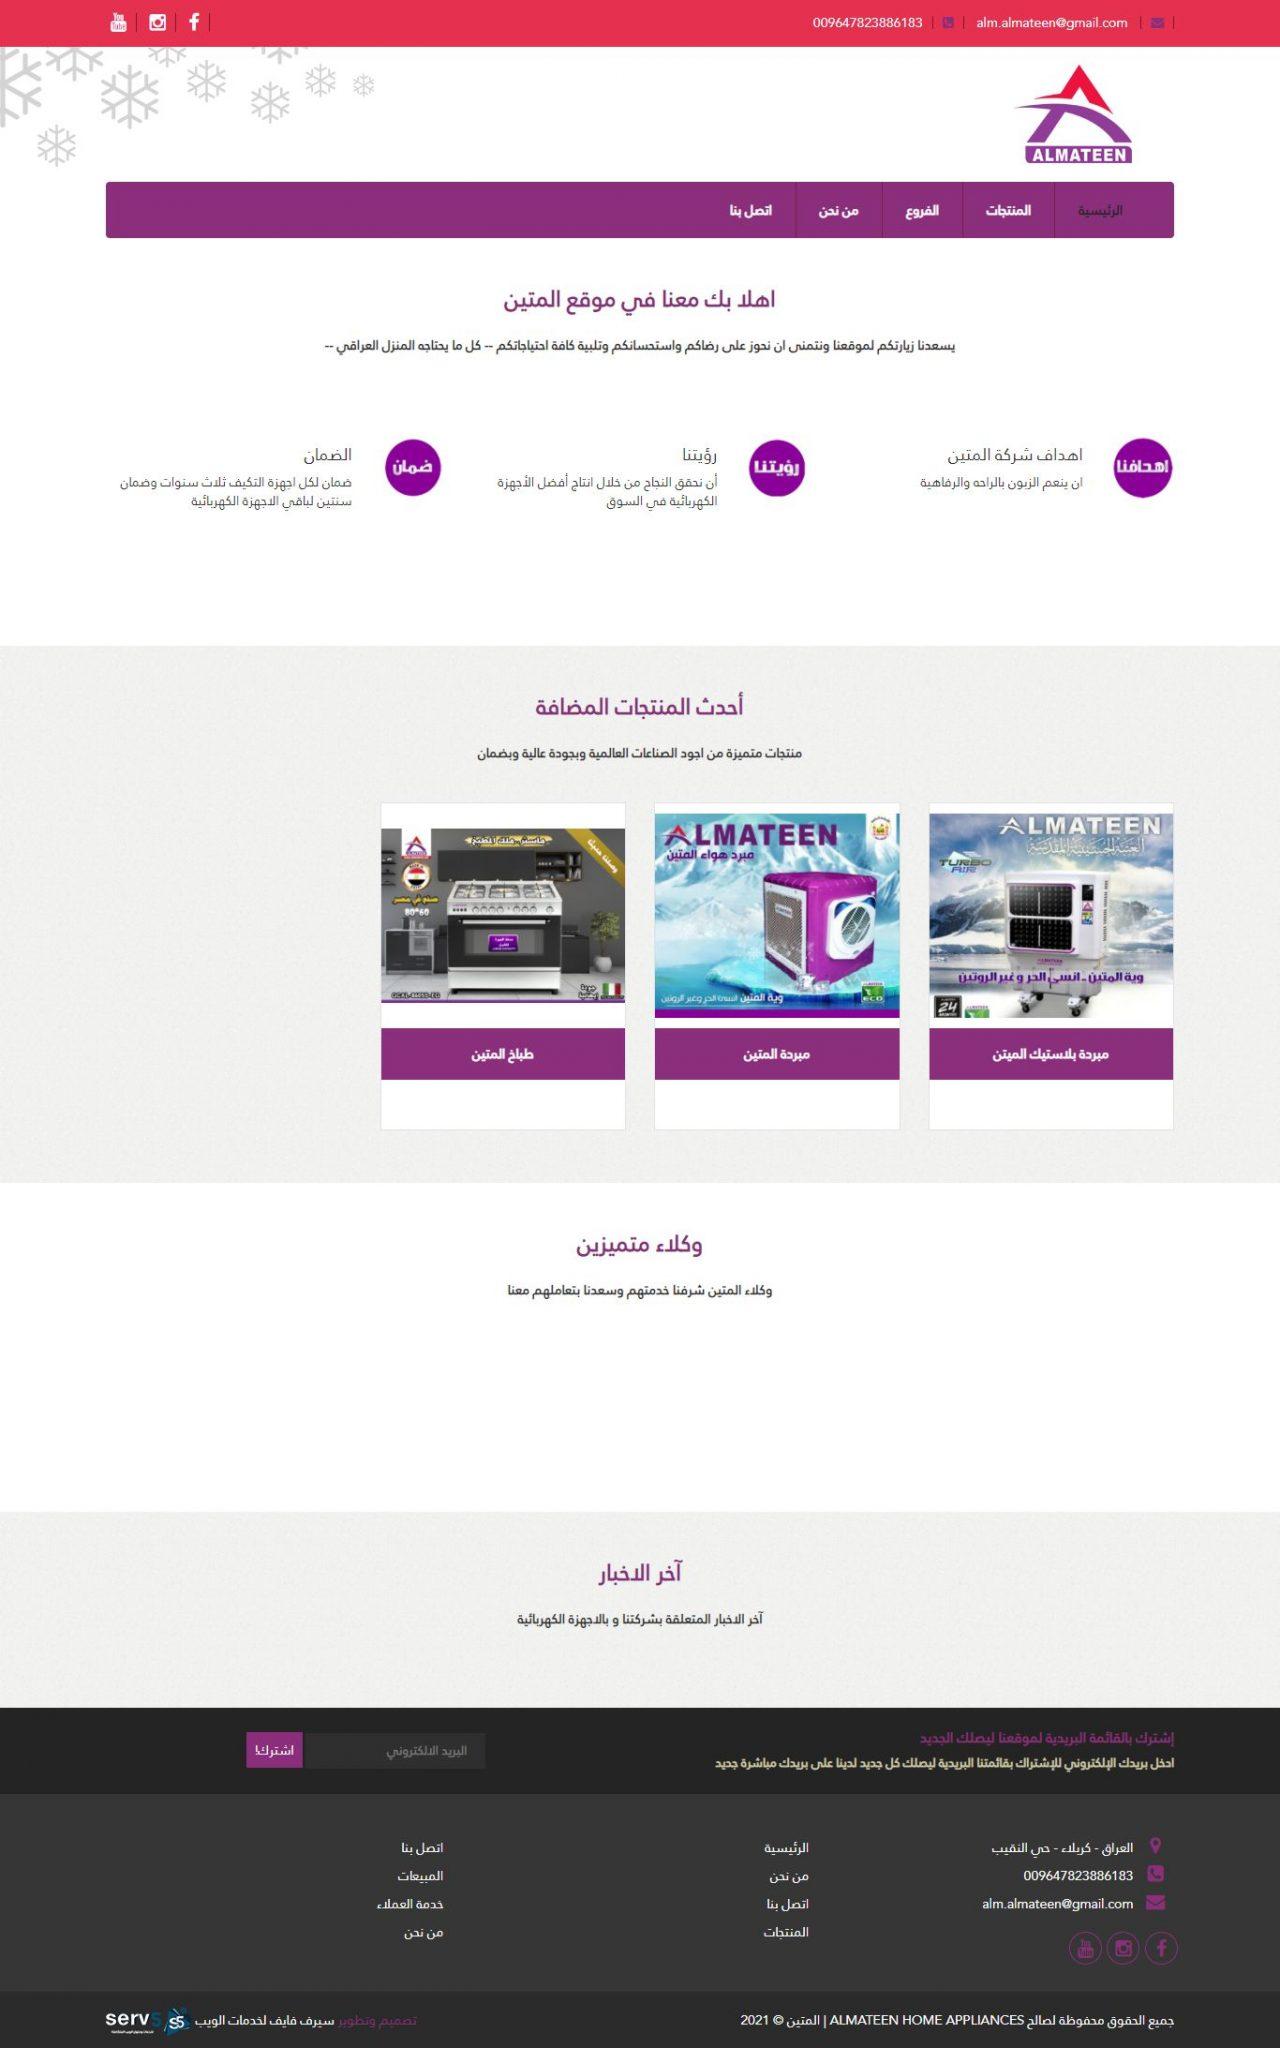 تصميم متجر المتين العراقي